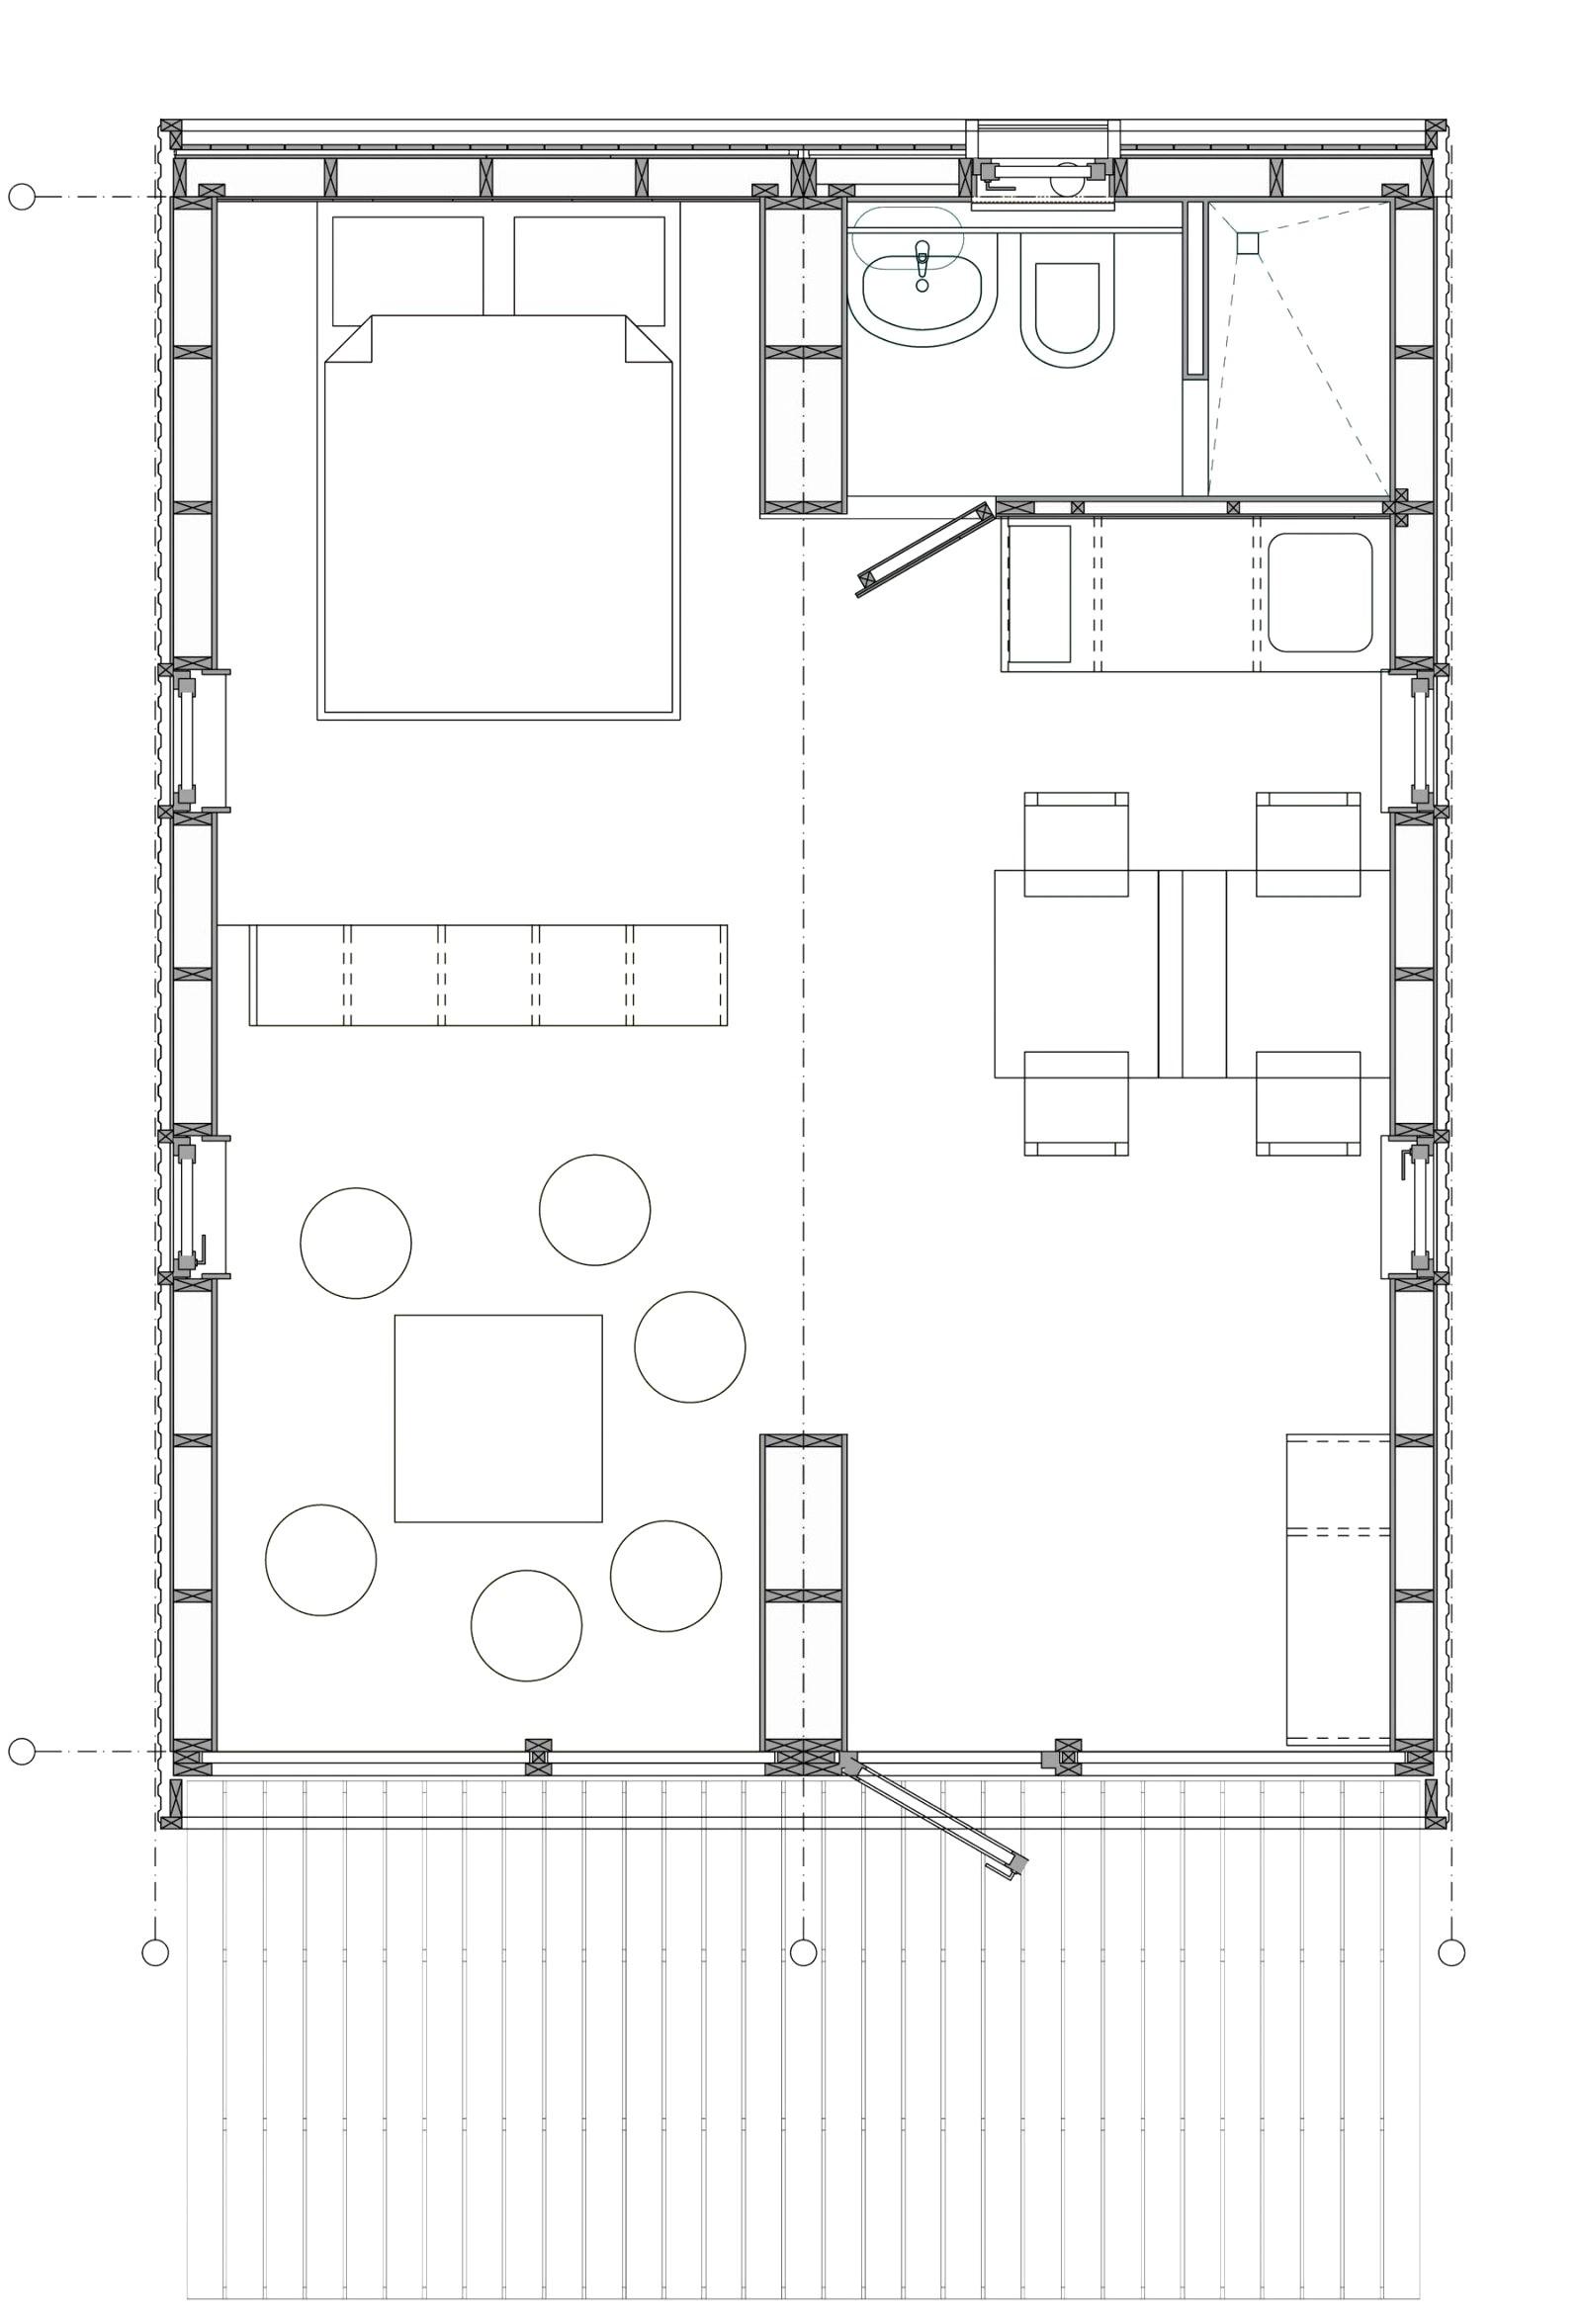 homes of merit floor plans fresh karsten homes floor plans lovely 25 beautiful karsten home floor